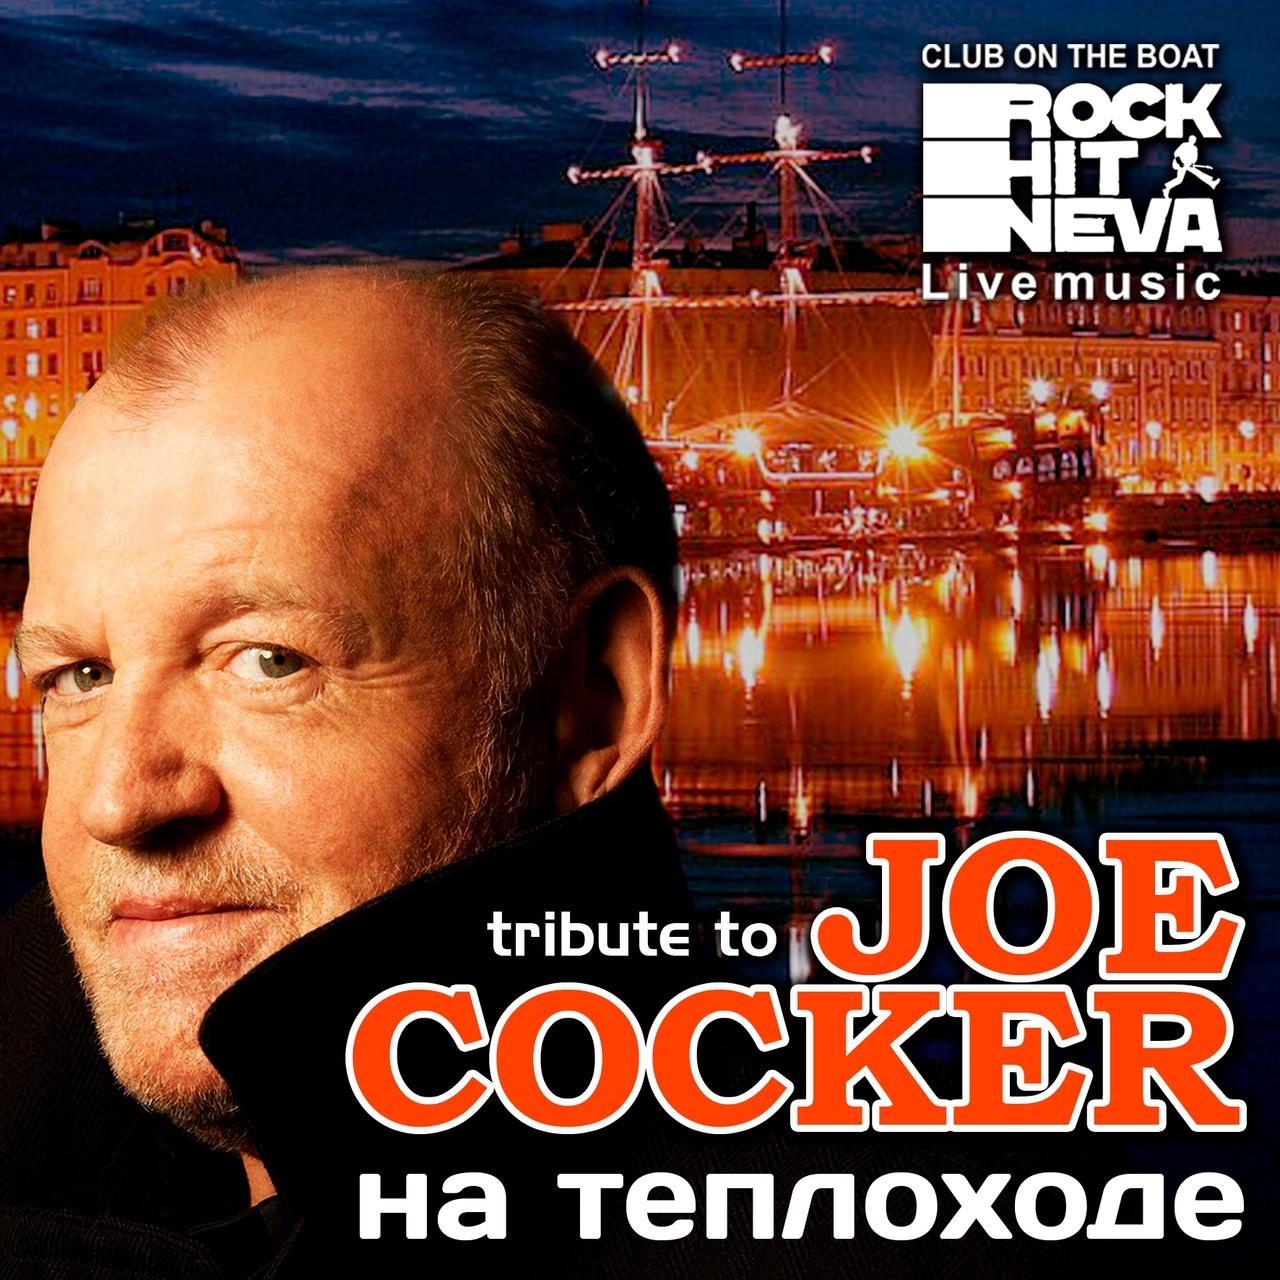 Афиша Тольятти Joe Cocker /tribute/ концерт на теплоходе